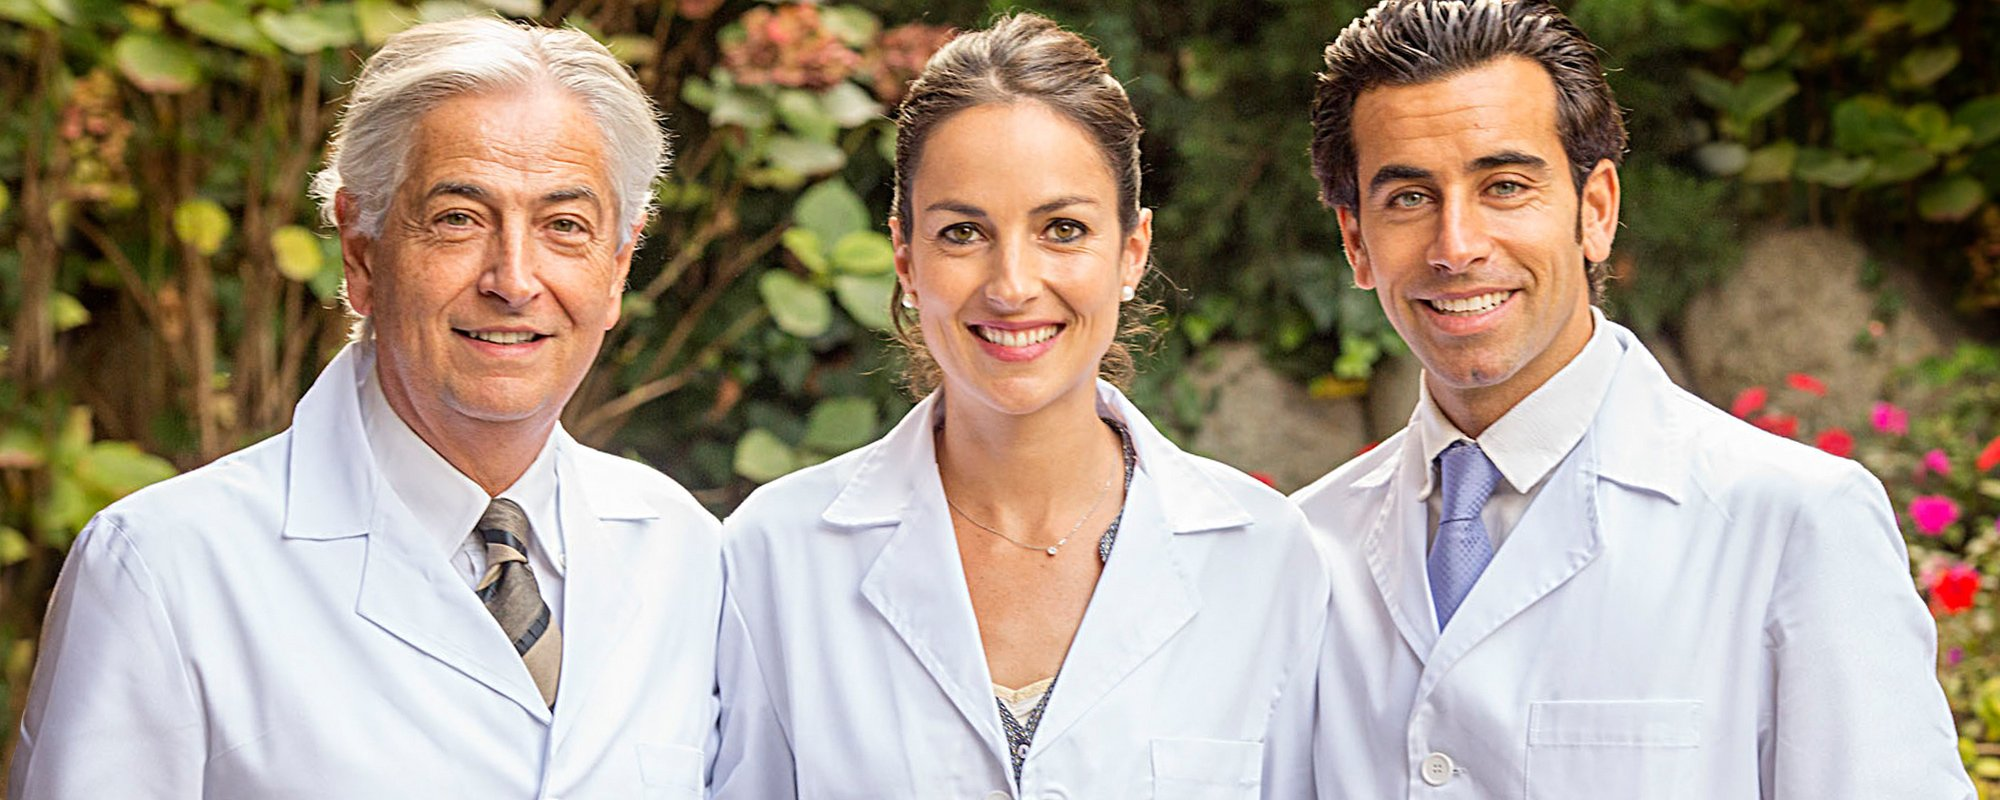 Equipo Anfruns clínica dental anfruns